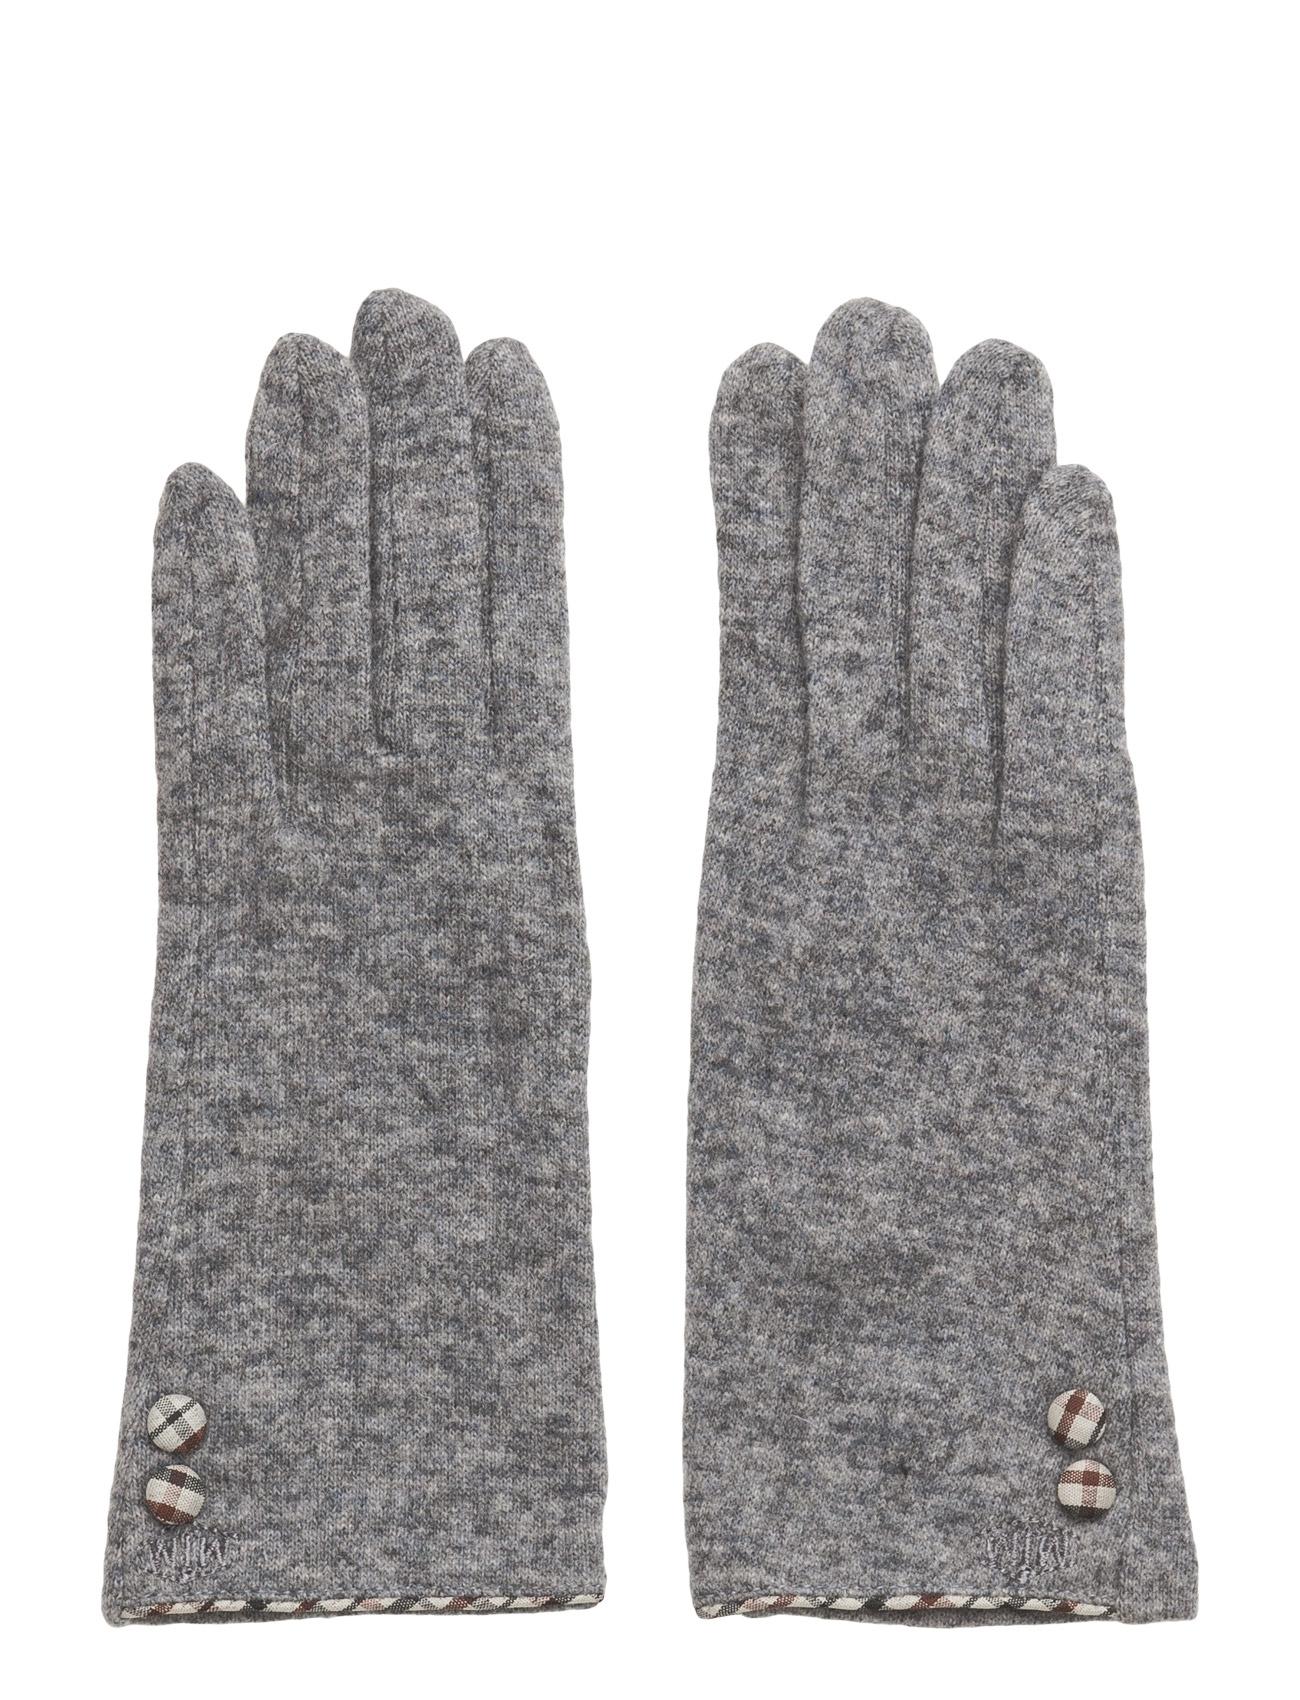 Jazz Knit Wool Mix Grey MJM Handsker til Kvinder i Grå